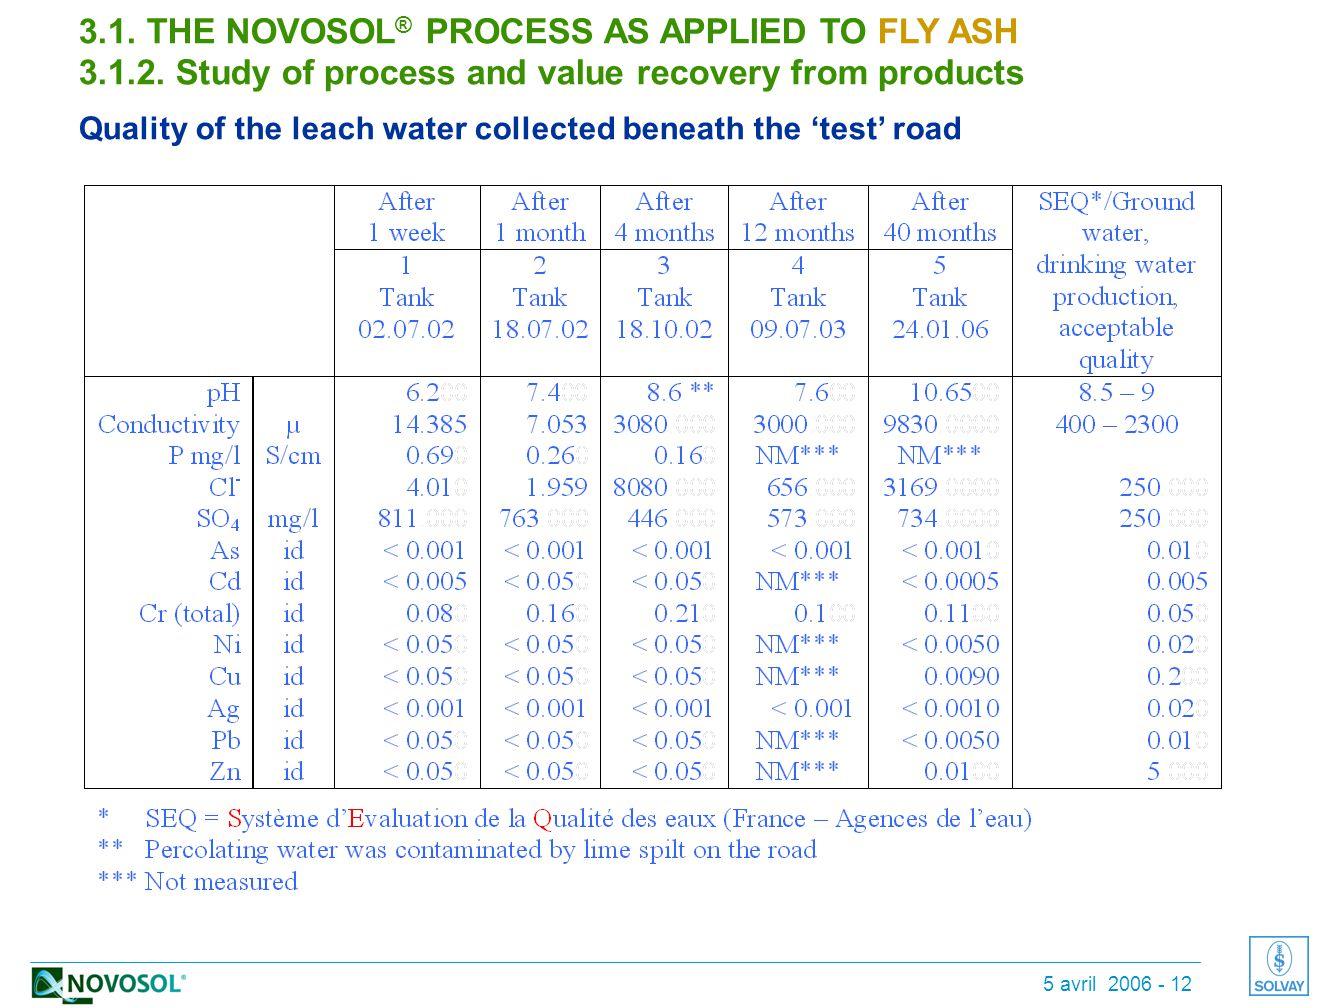 5 avril 2006 - 12 * cas de percolation contaminée par de la chaux répandue sur la route 3.1.